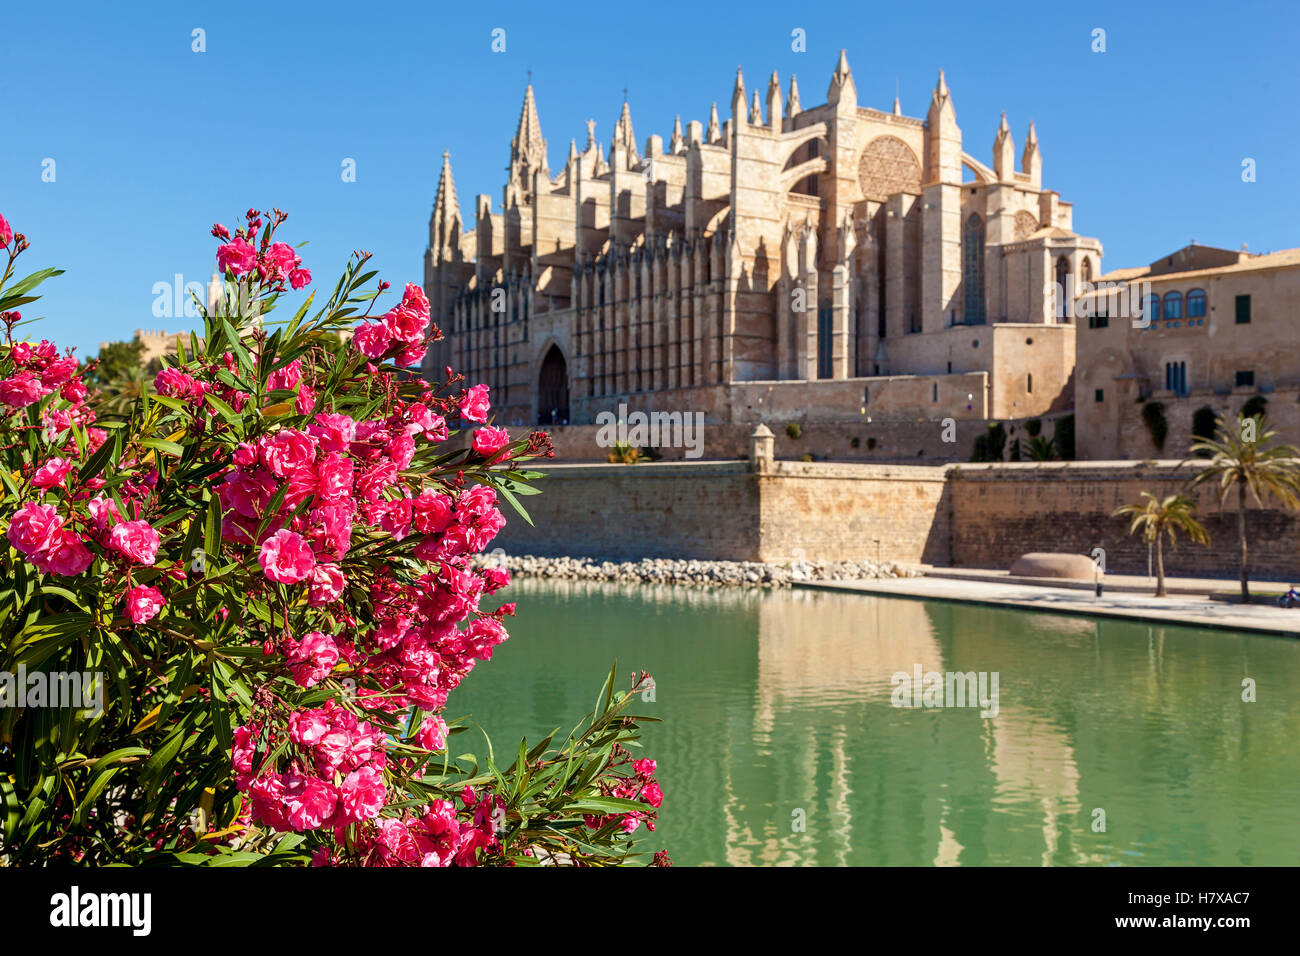 Die Kathedrale von Santa Maria von Palma, auch La Seu ist eine gotische römisch-katholische Kathedrale befindet Stockbild